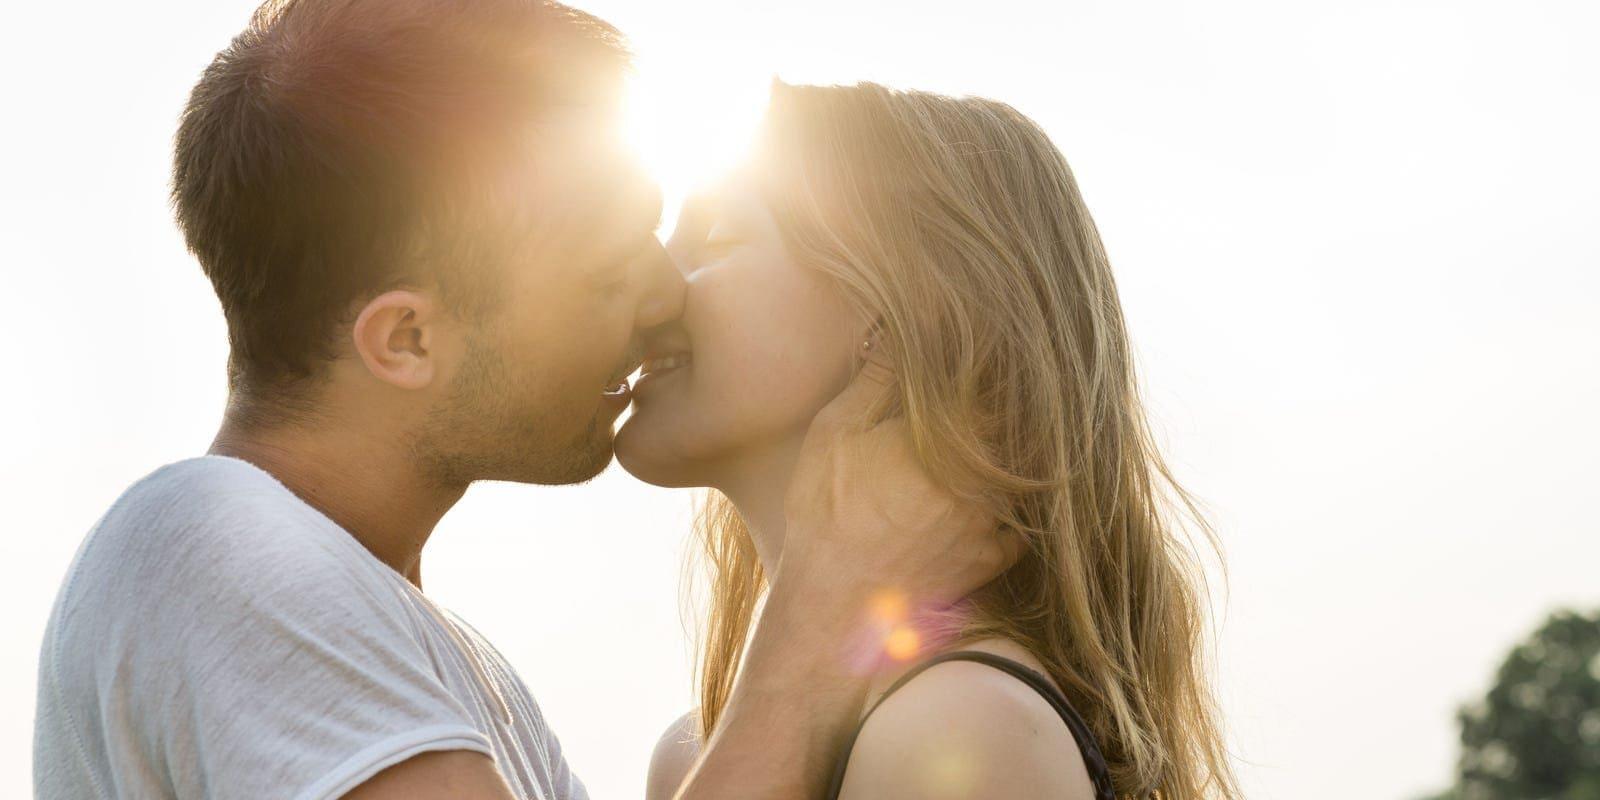 Двое целуются